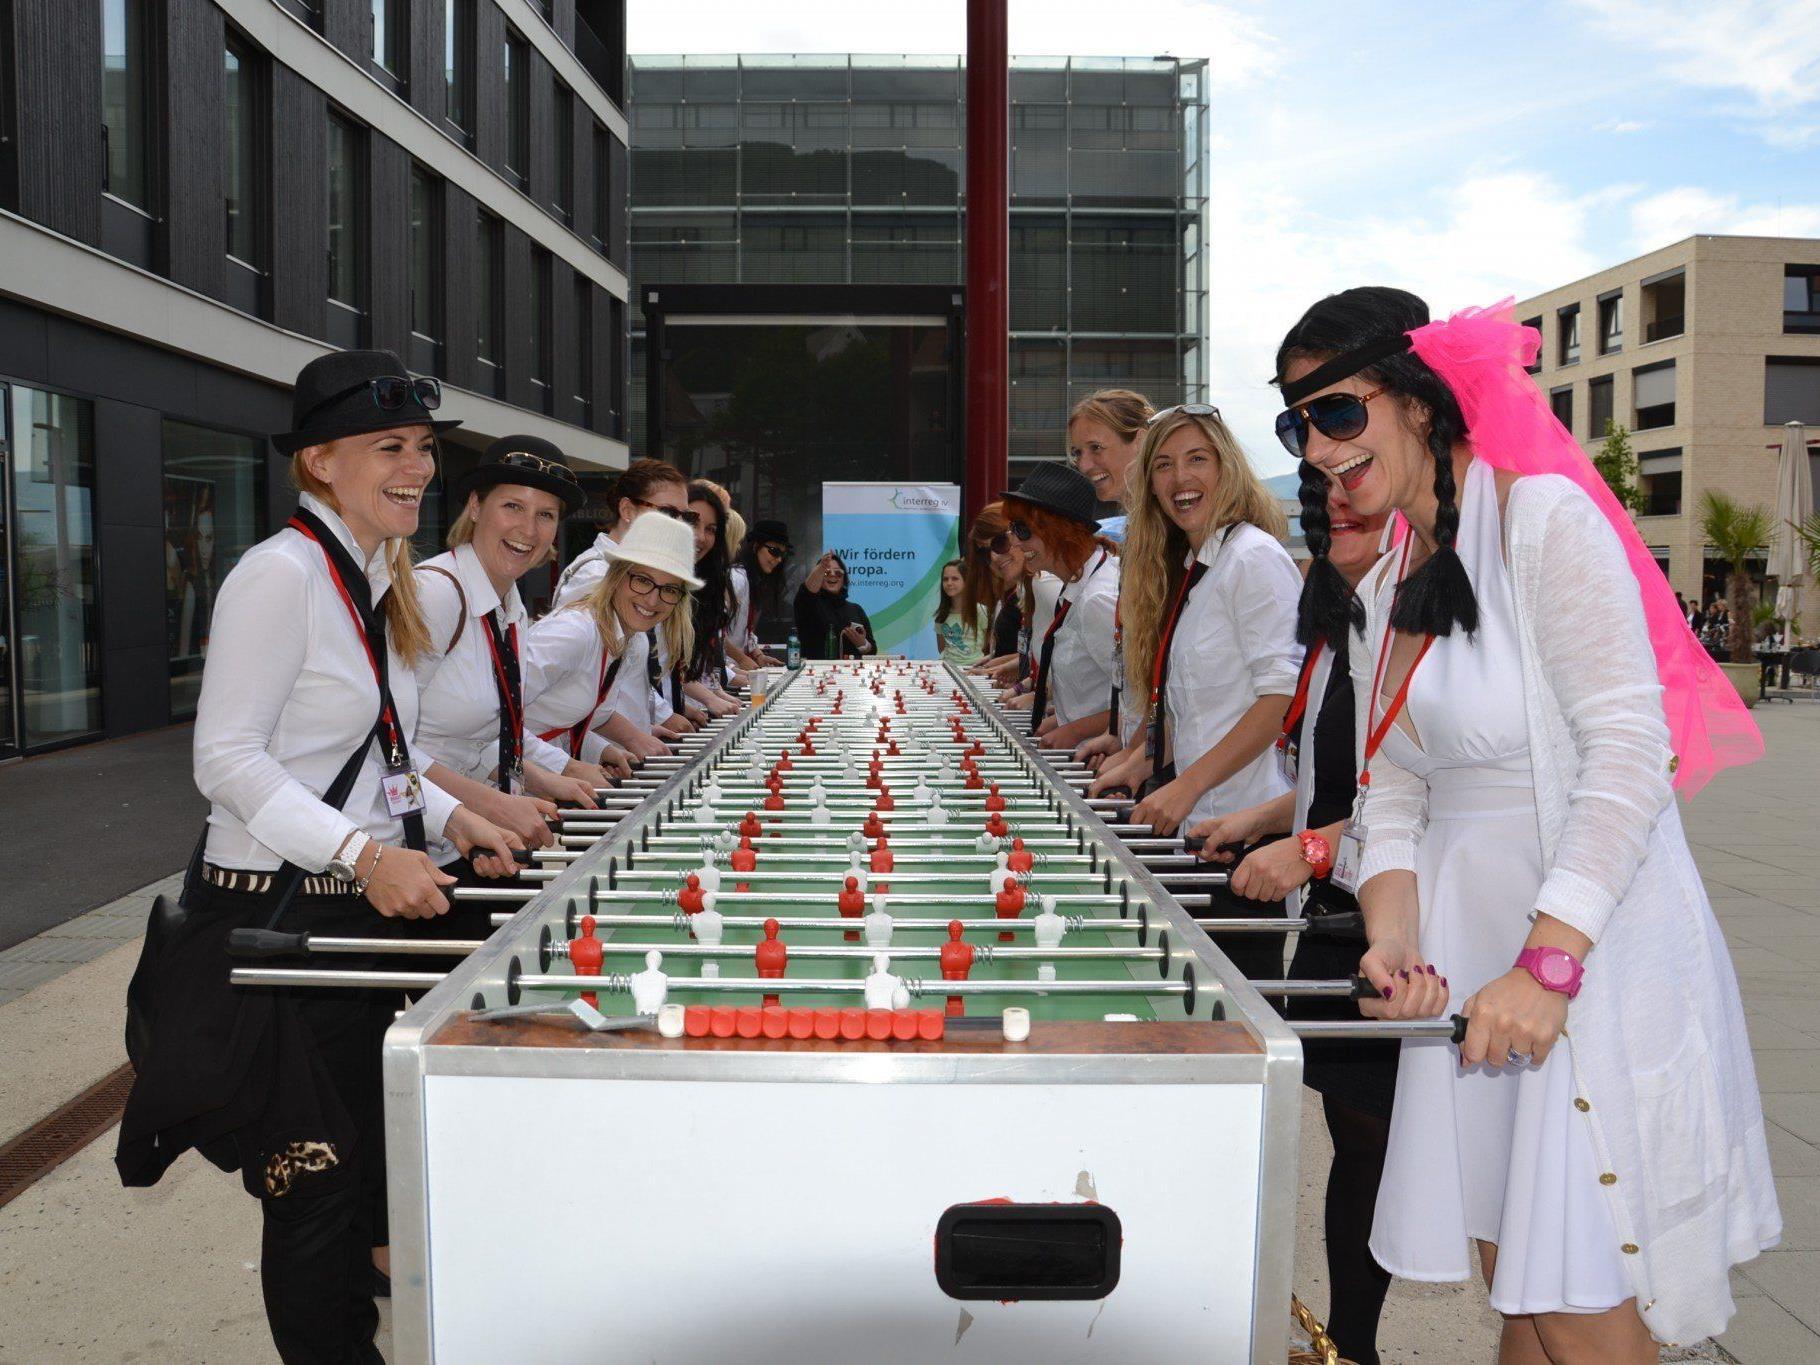 Die Mädels von Claudias Polterabend hatten den Riesenfussballtisch Am Garnmarkt in Beschlag genommen.....